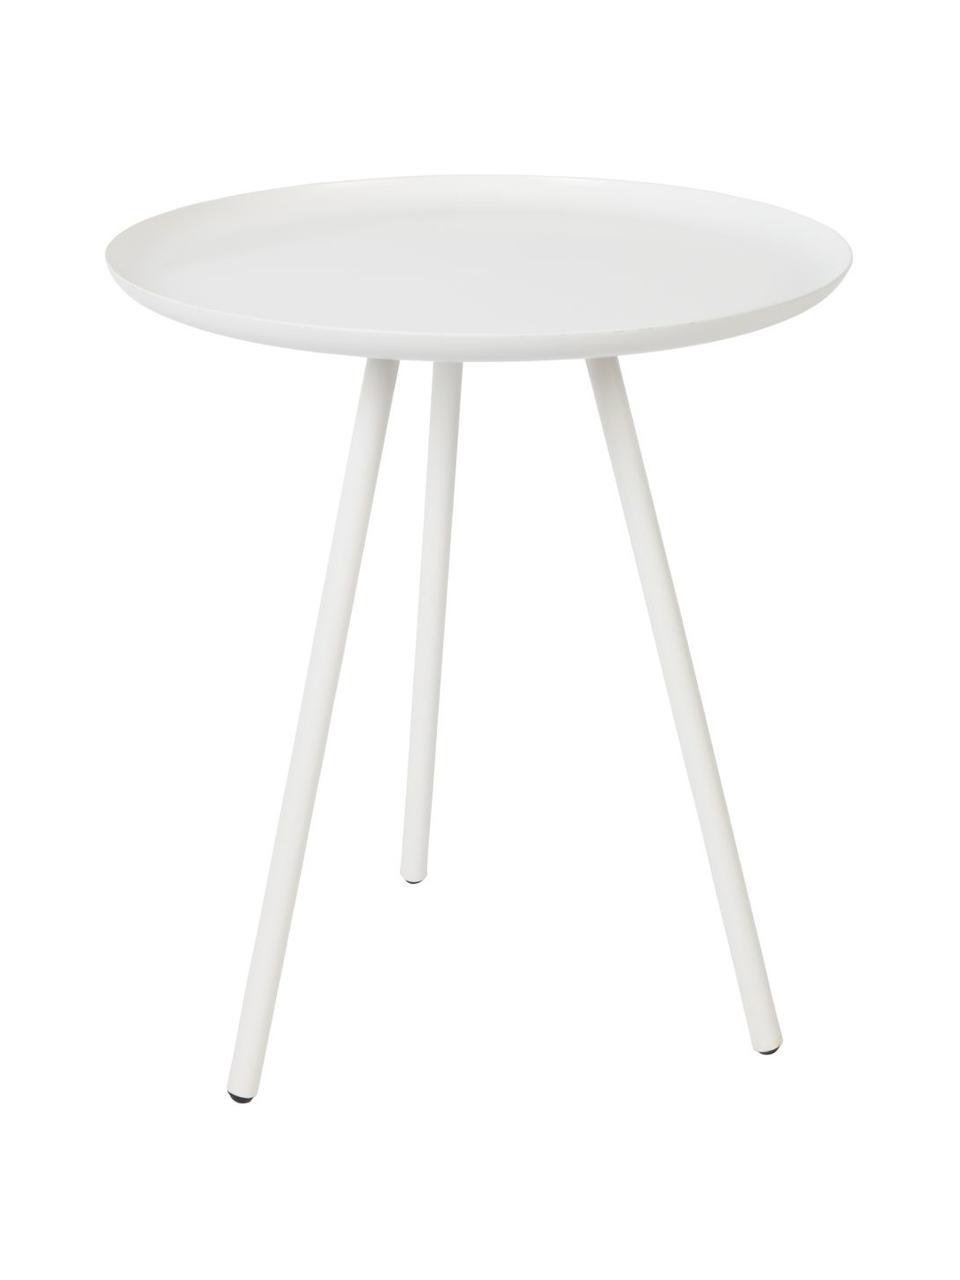 Tavolino in metallo Frost, Metallo verniciato a polvere, Bianco, Ø 39 x Alt. 45 cm